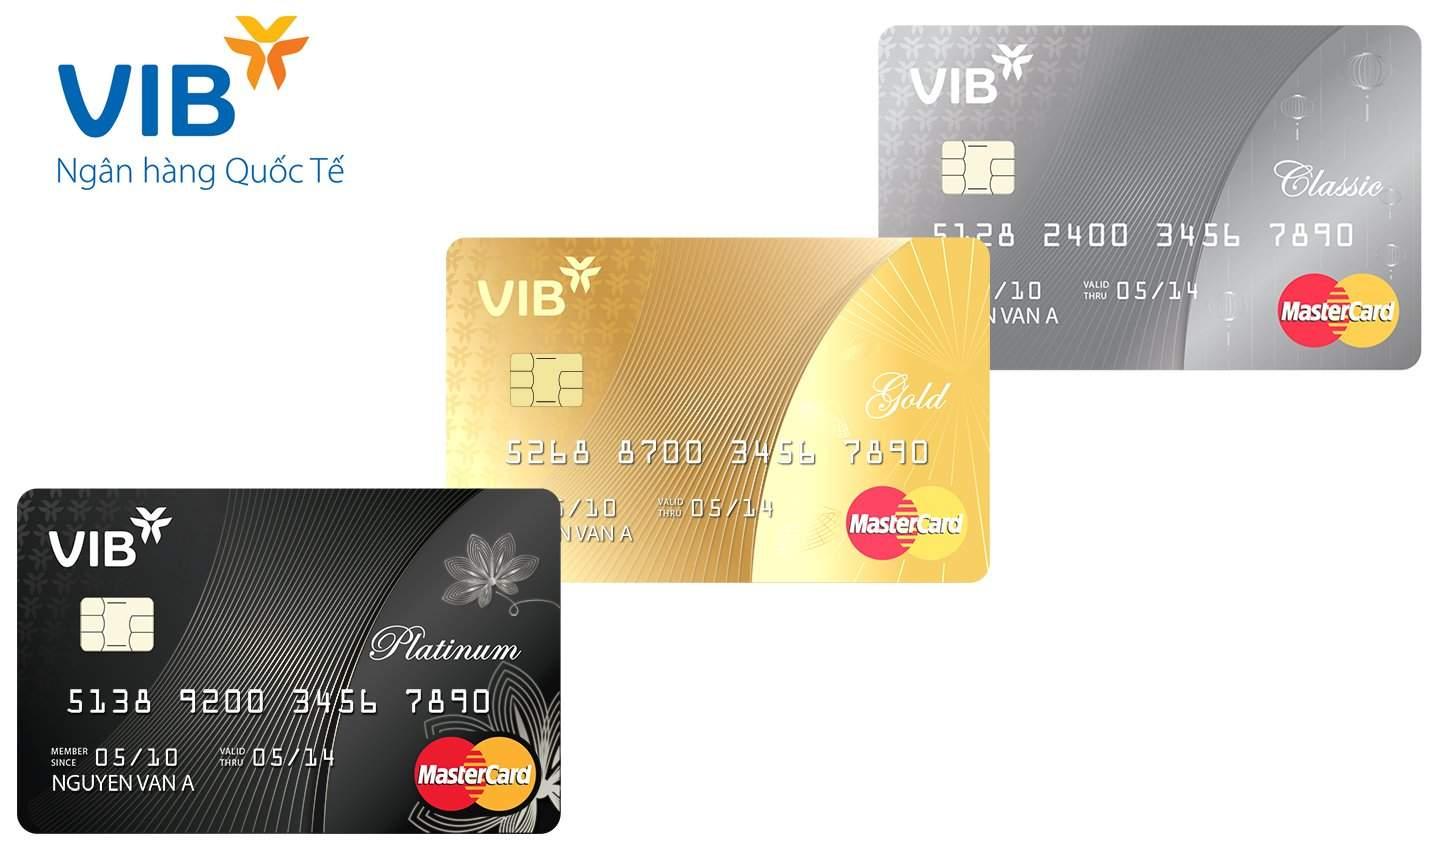 VIB triển khai 3 loại thẻ visa phù hợp nhu cầu người dùng